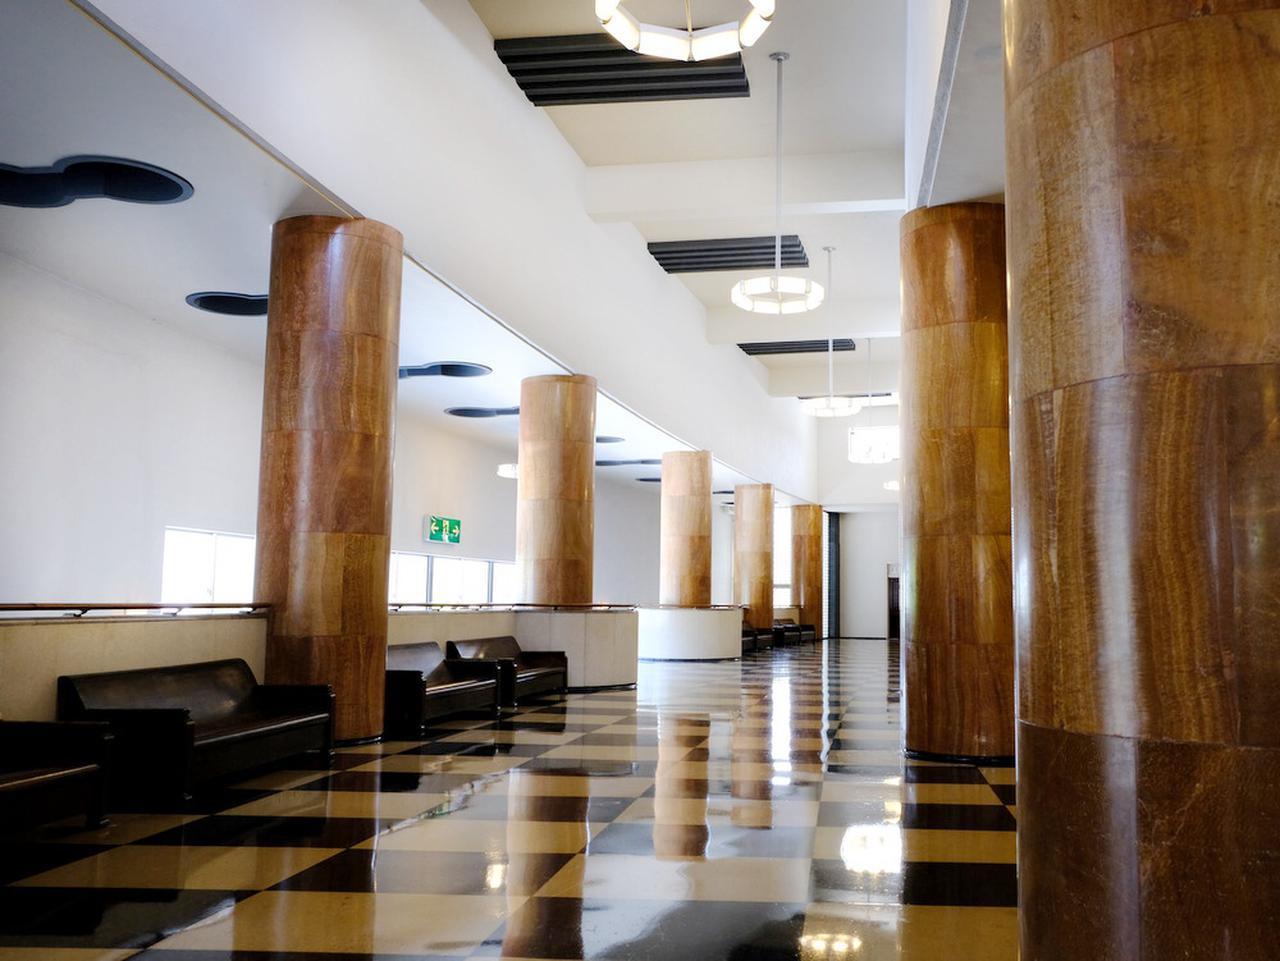 画像: 2階ロビー。1階よりも深い色合いになり全く異なる印象を受けます。